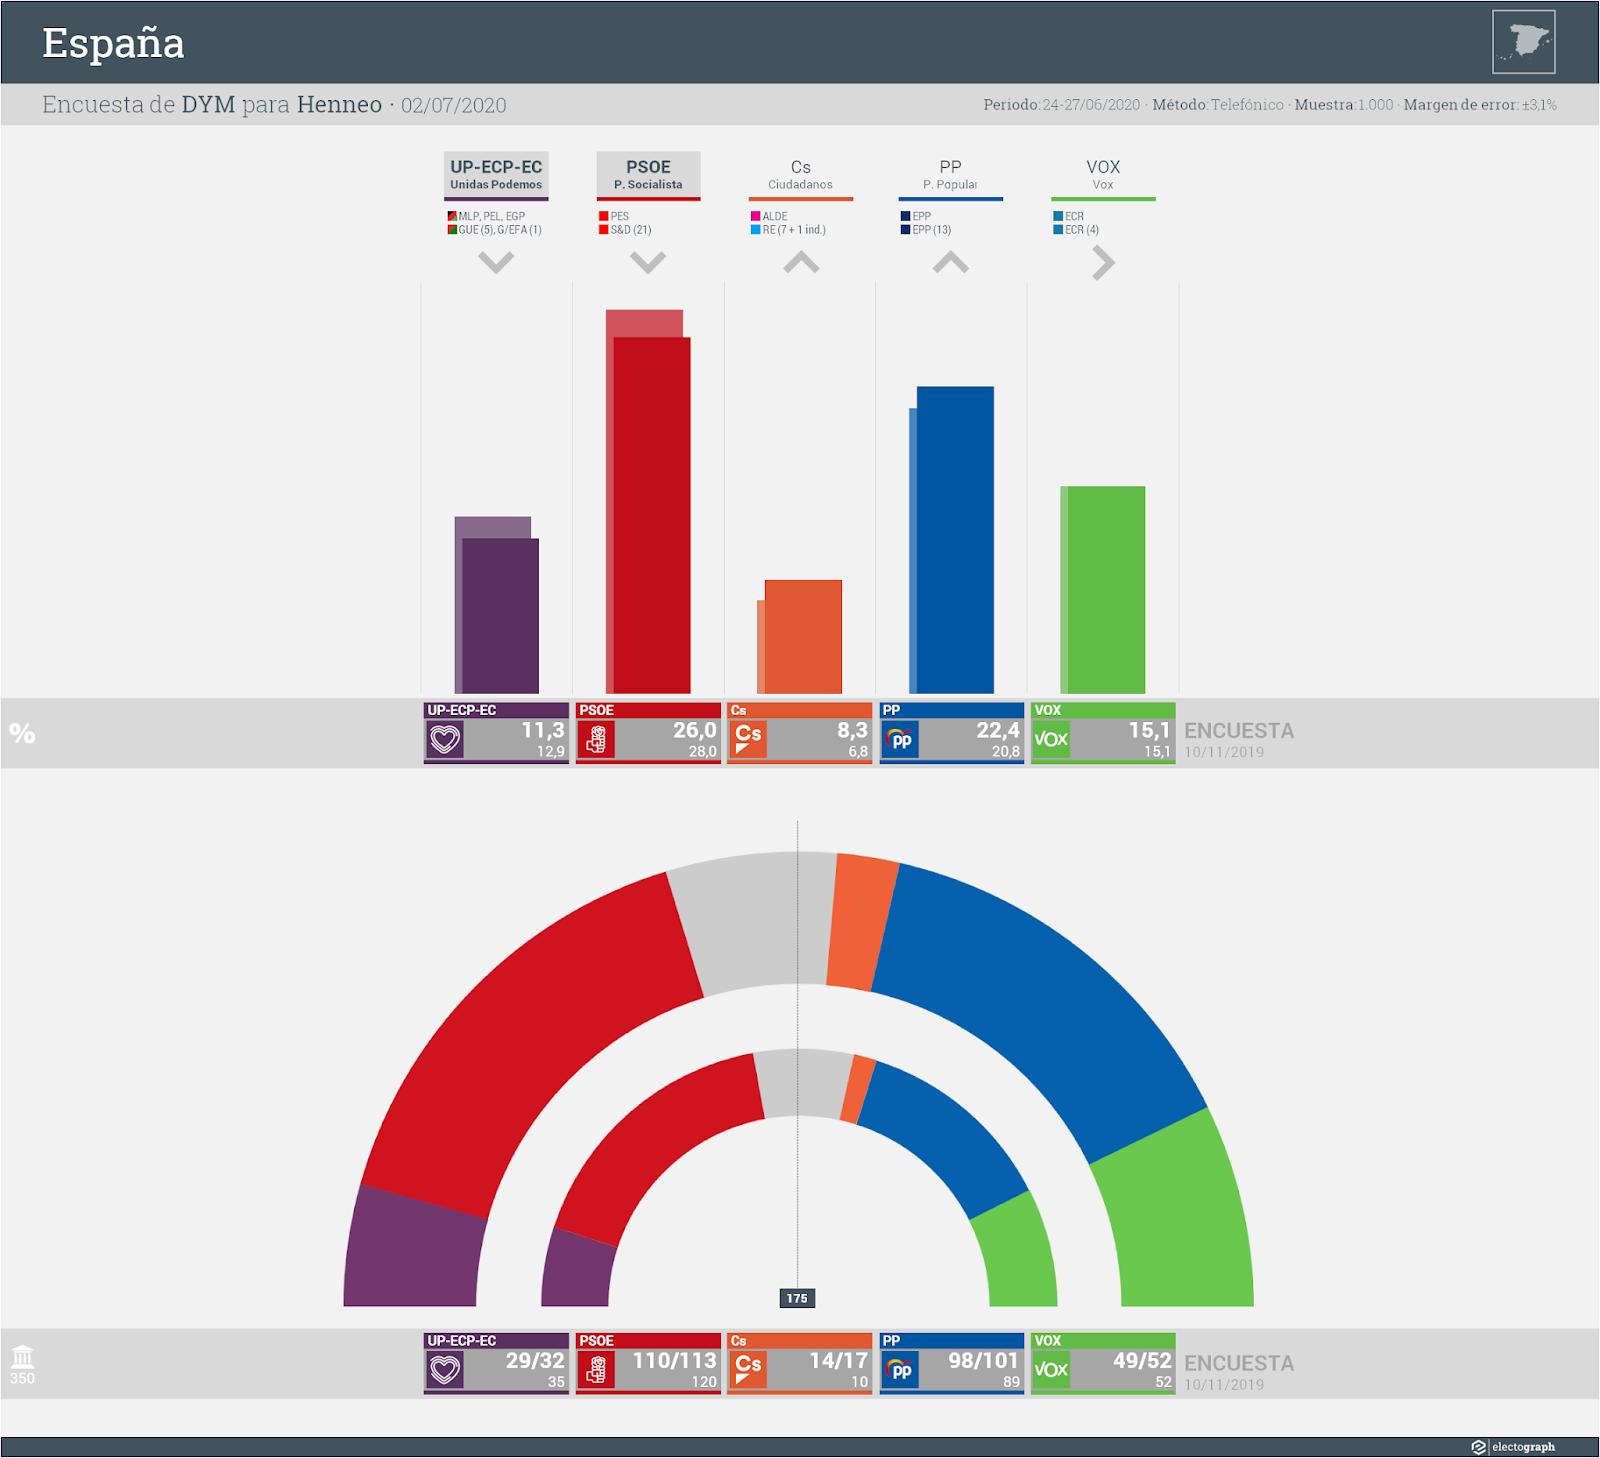 Gráfico de la encuesta para elecciones generales en España realizada por DYM para Henneo, 2 de julio de 2020